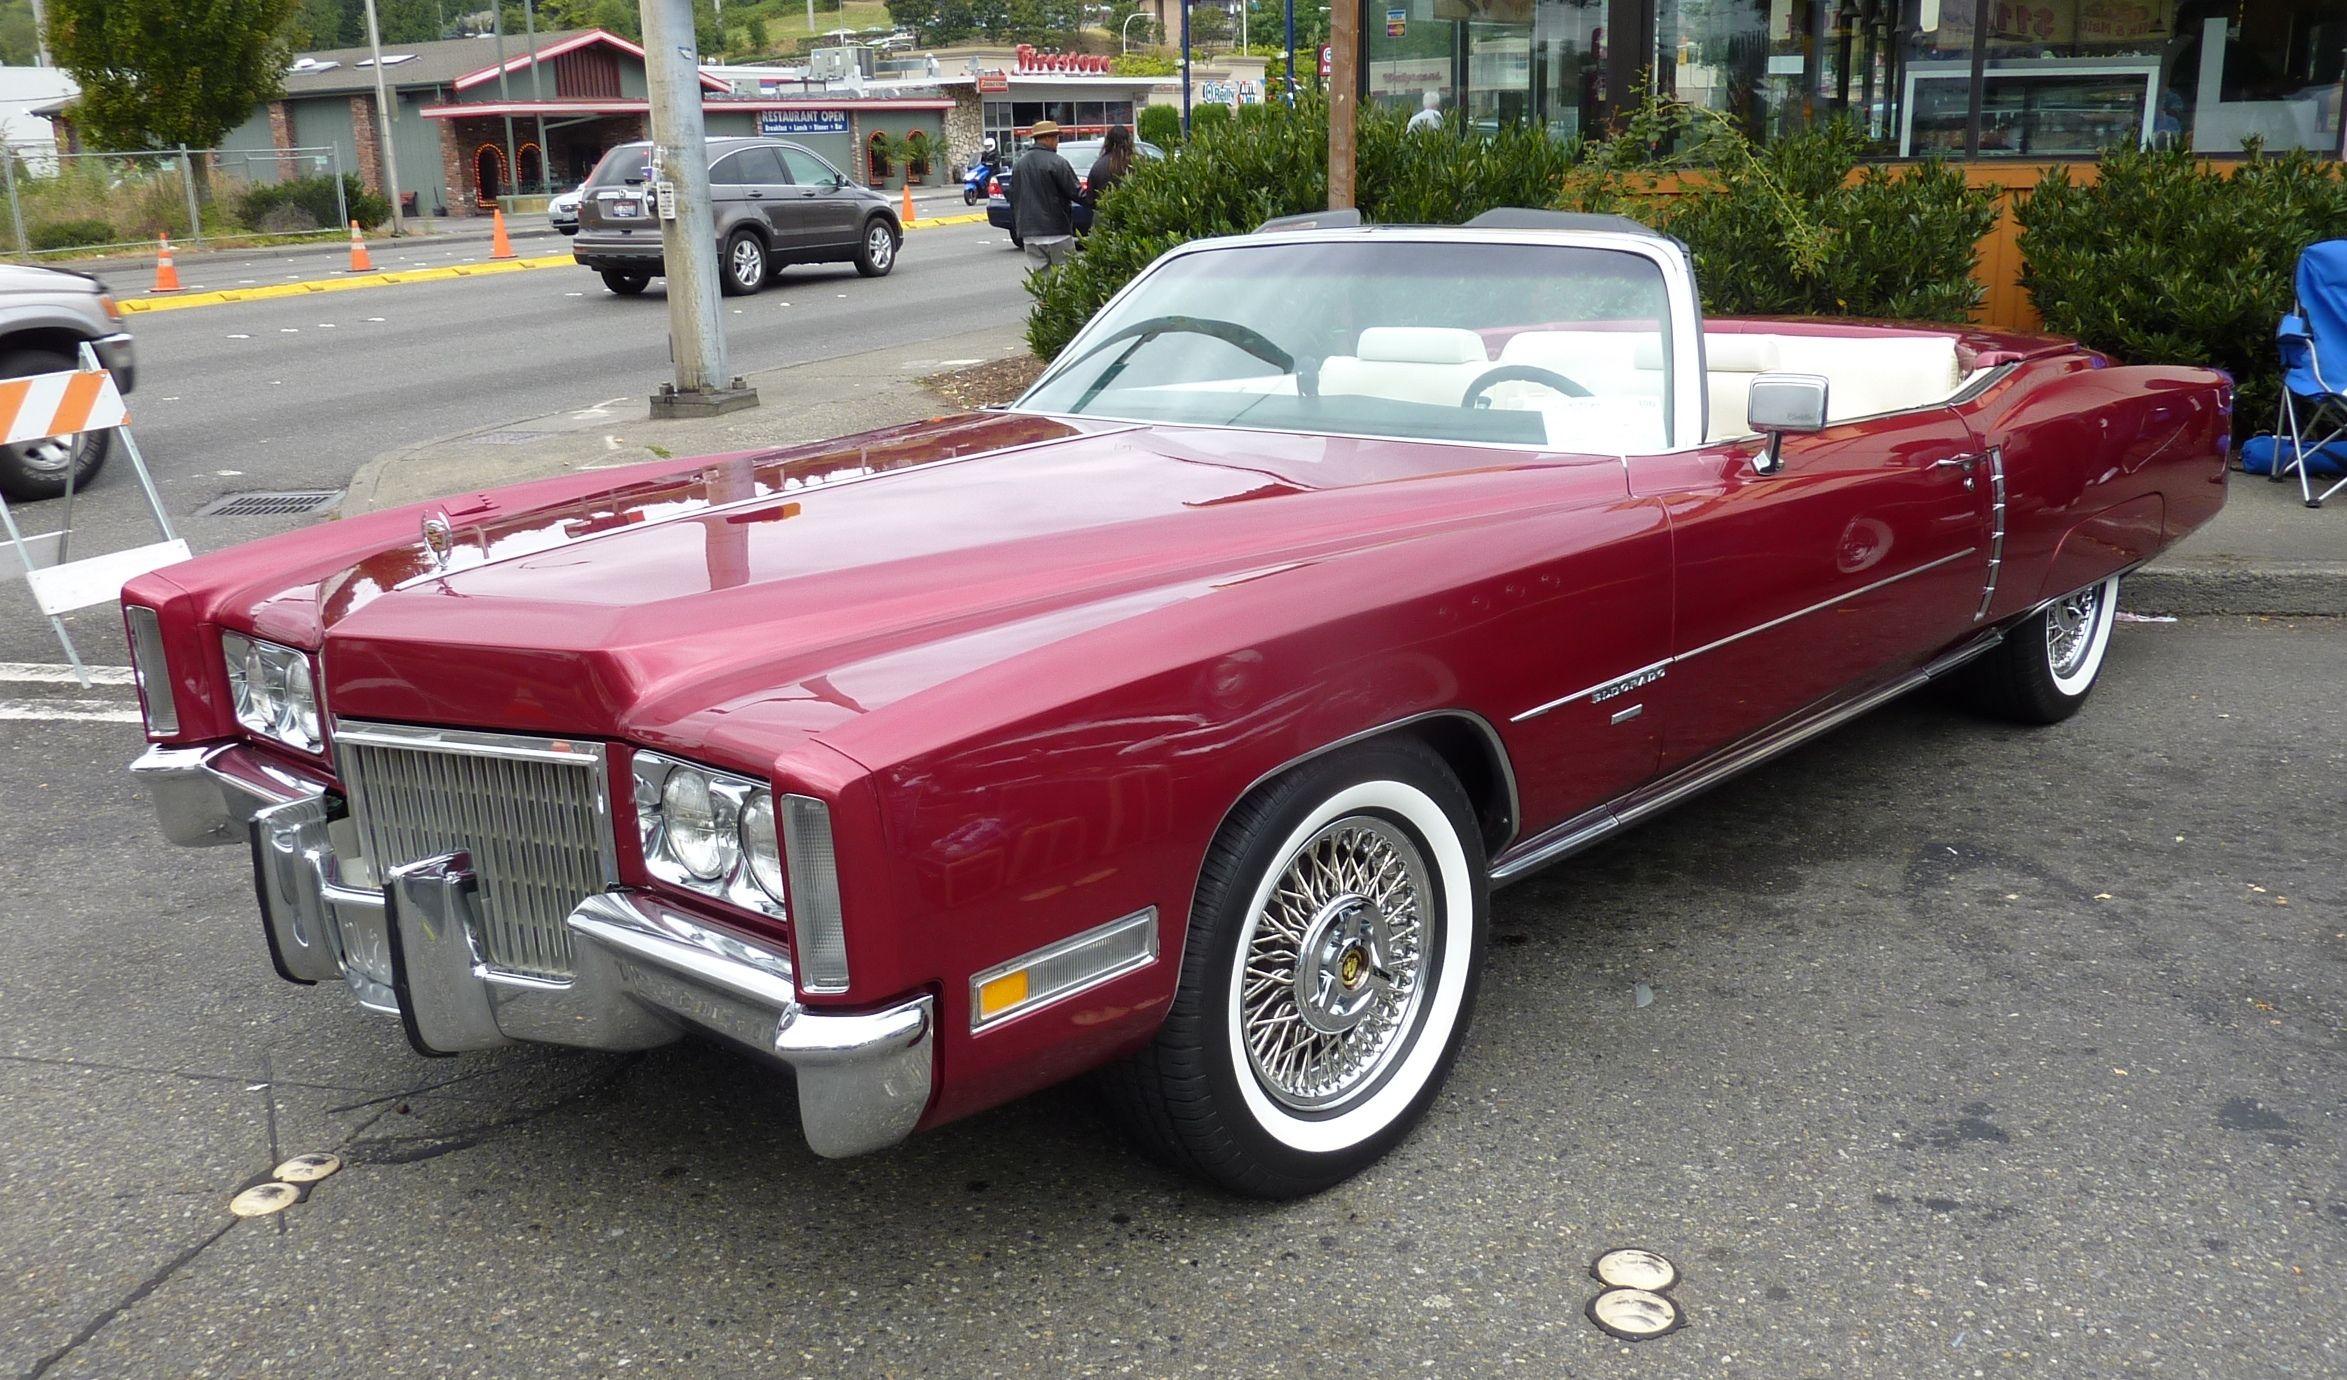 69 cadilac 1969 cadillac eldorado two tone brown unrestored my 69 caddy to come pinterest cadillac eldorado cadillac and cars